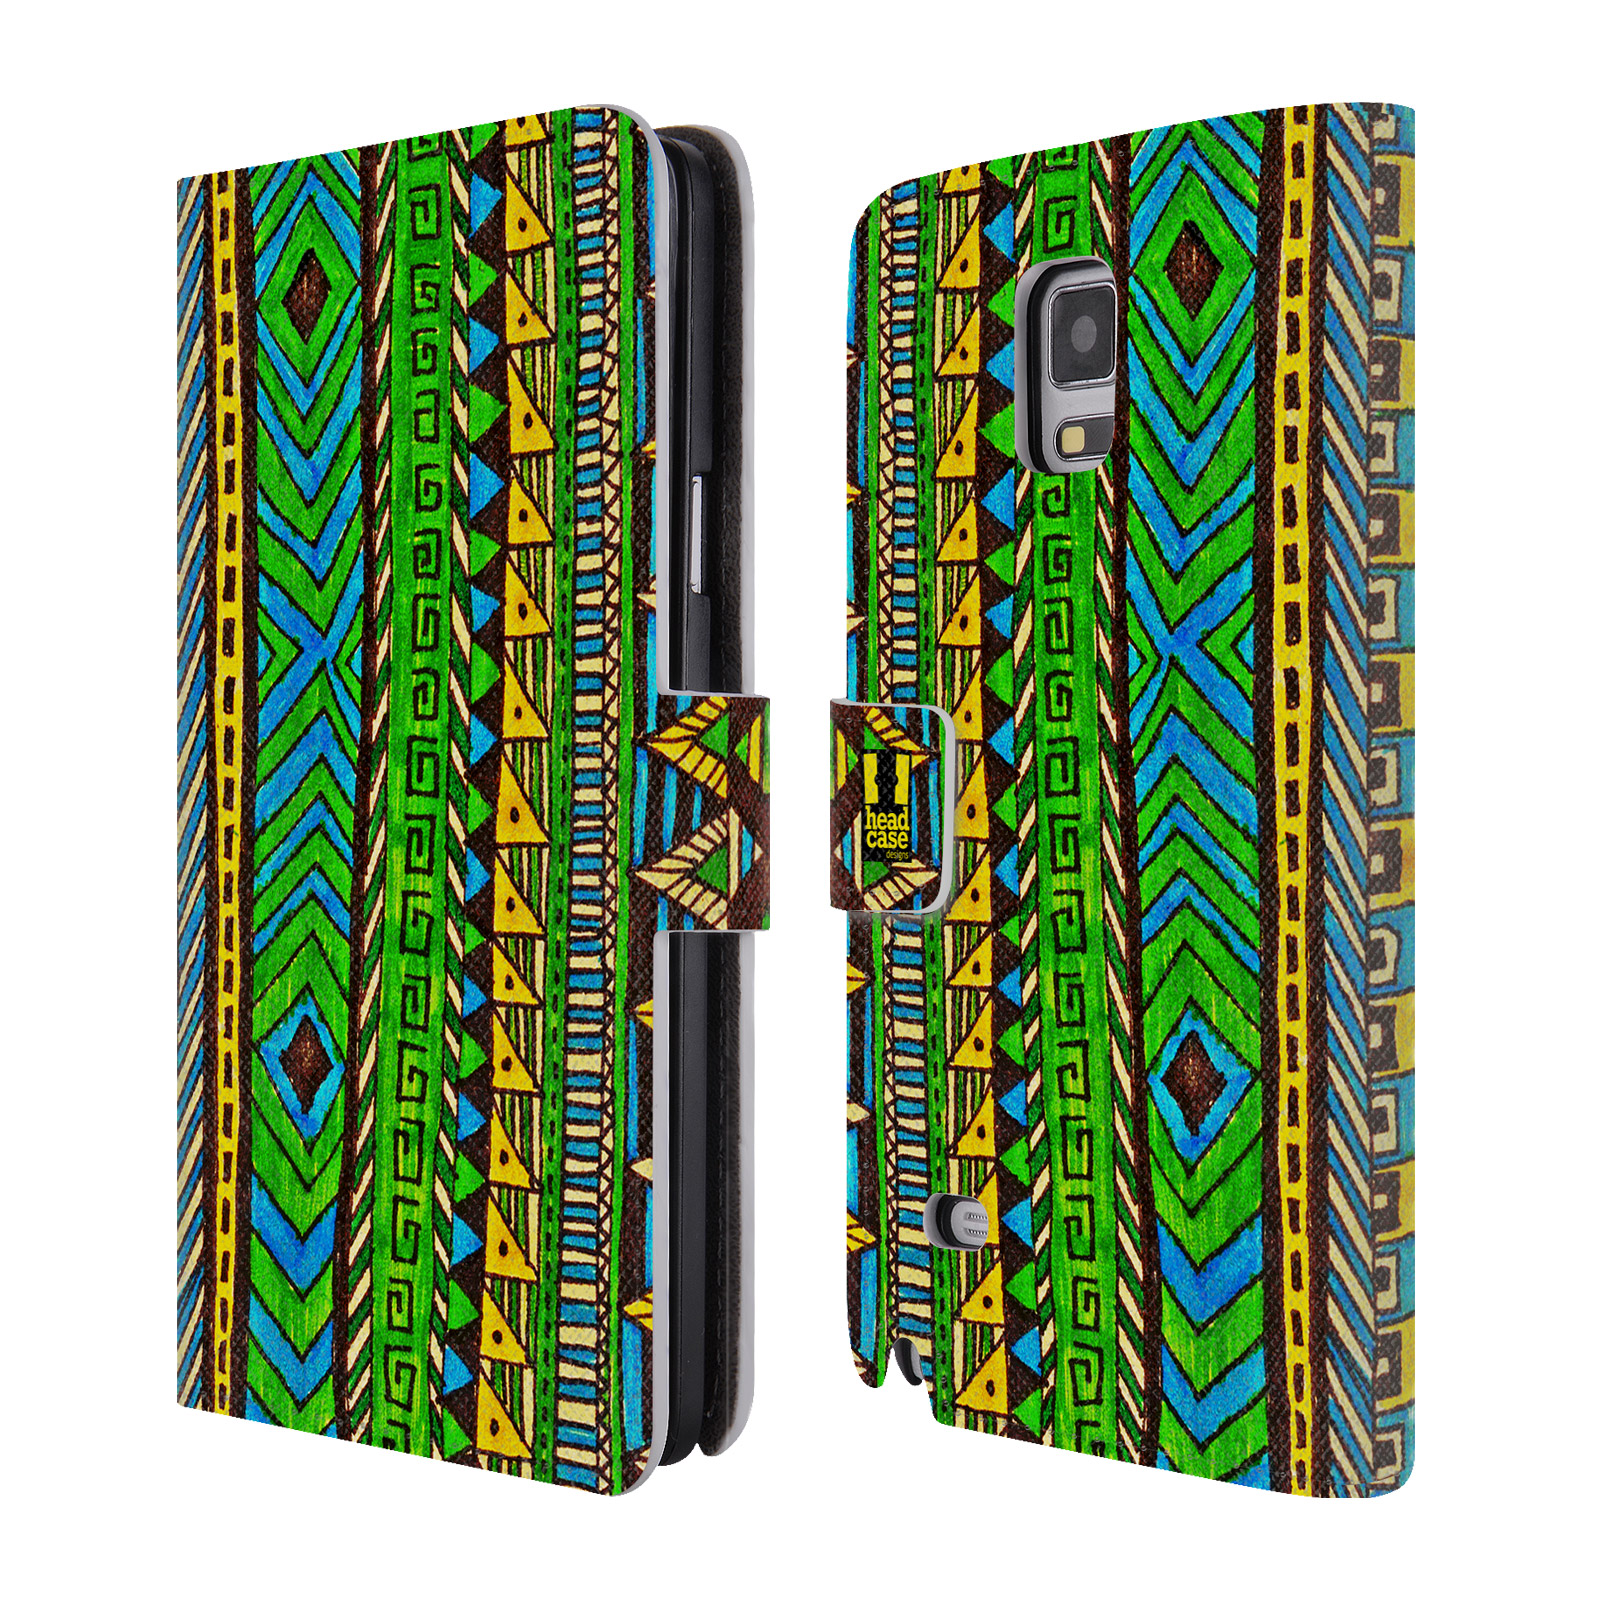 HEAD CASE Flipové pouzdro pro mobil Samsung Galaxy Note 4 Barevná aztécká čmáranice zelená